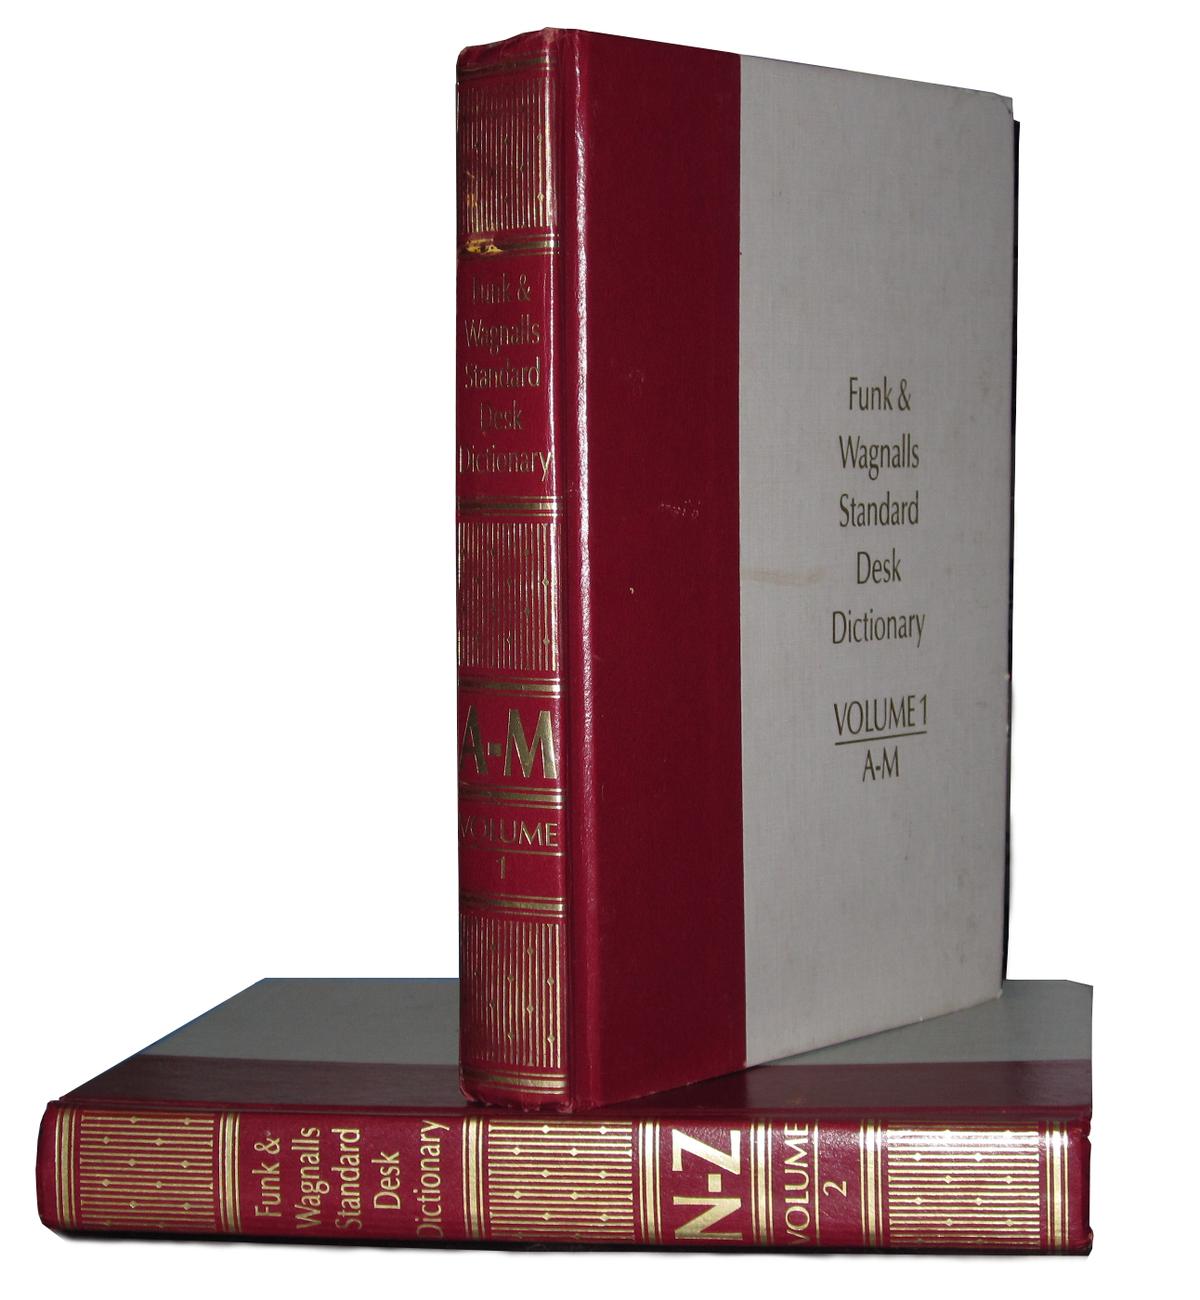 Funk & Wagnalls Standard Desk Dictionary Circa 1984